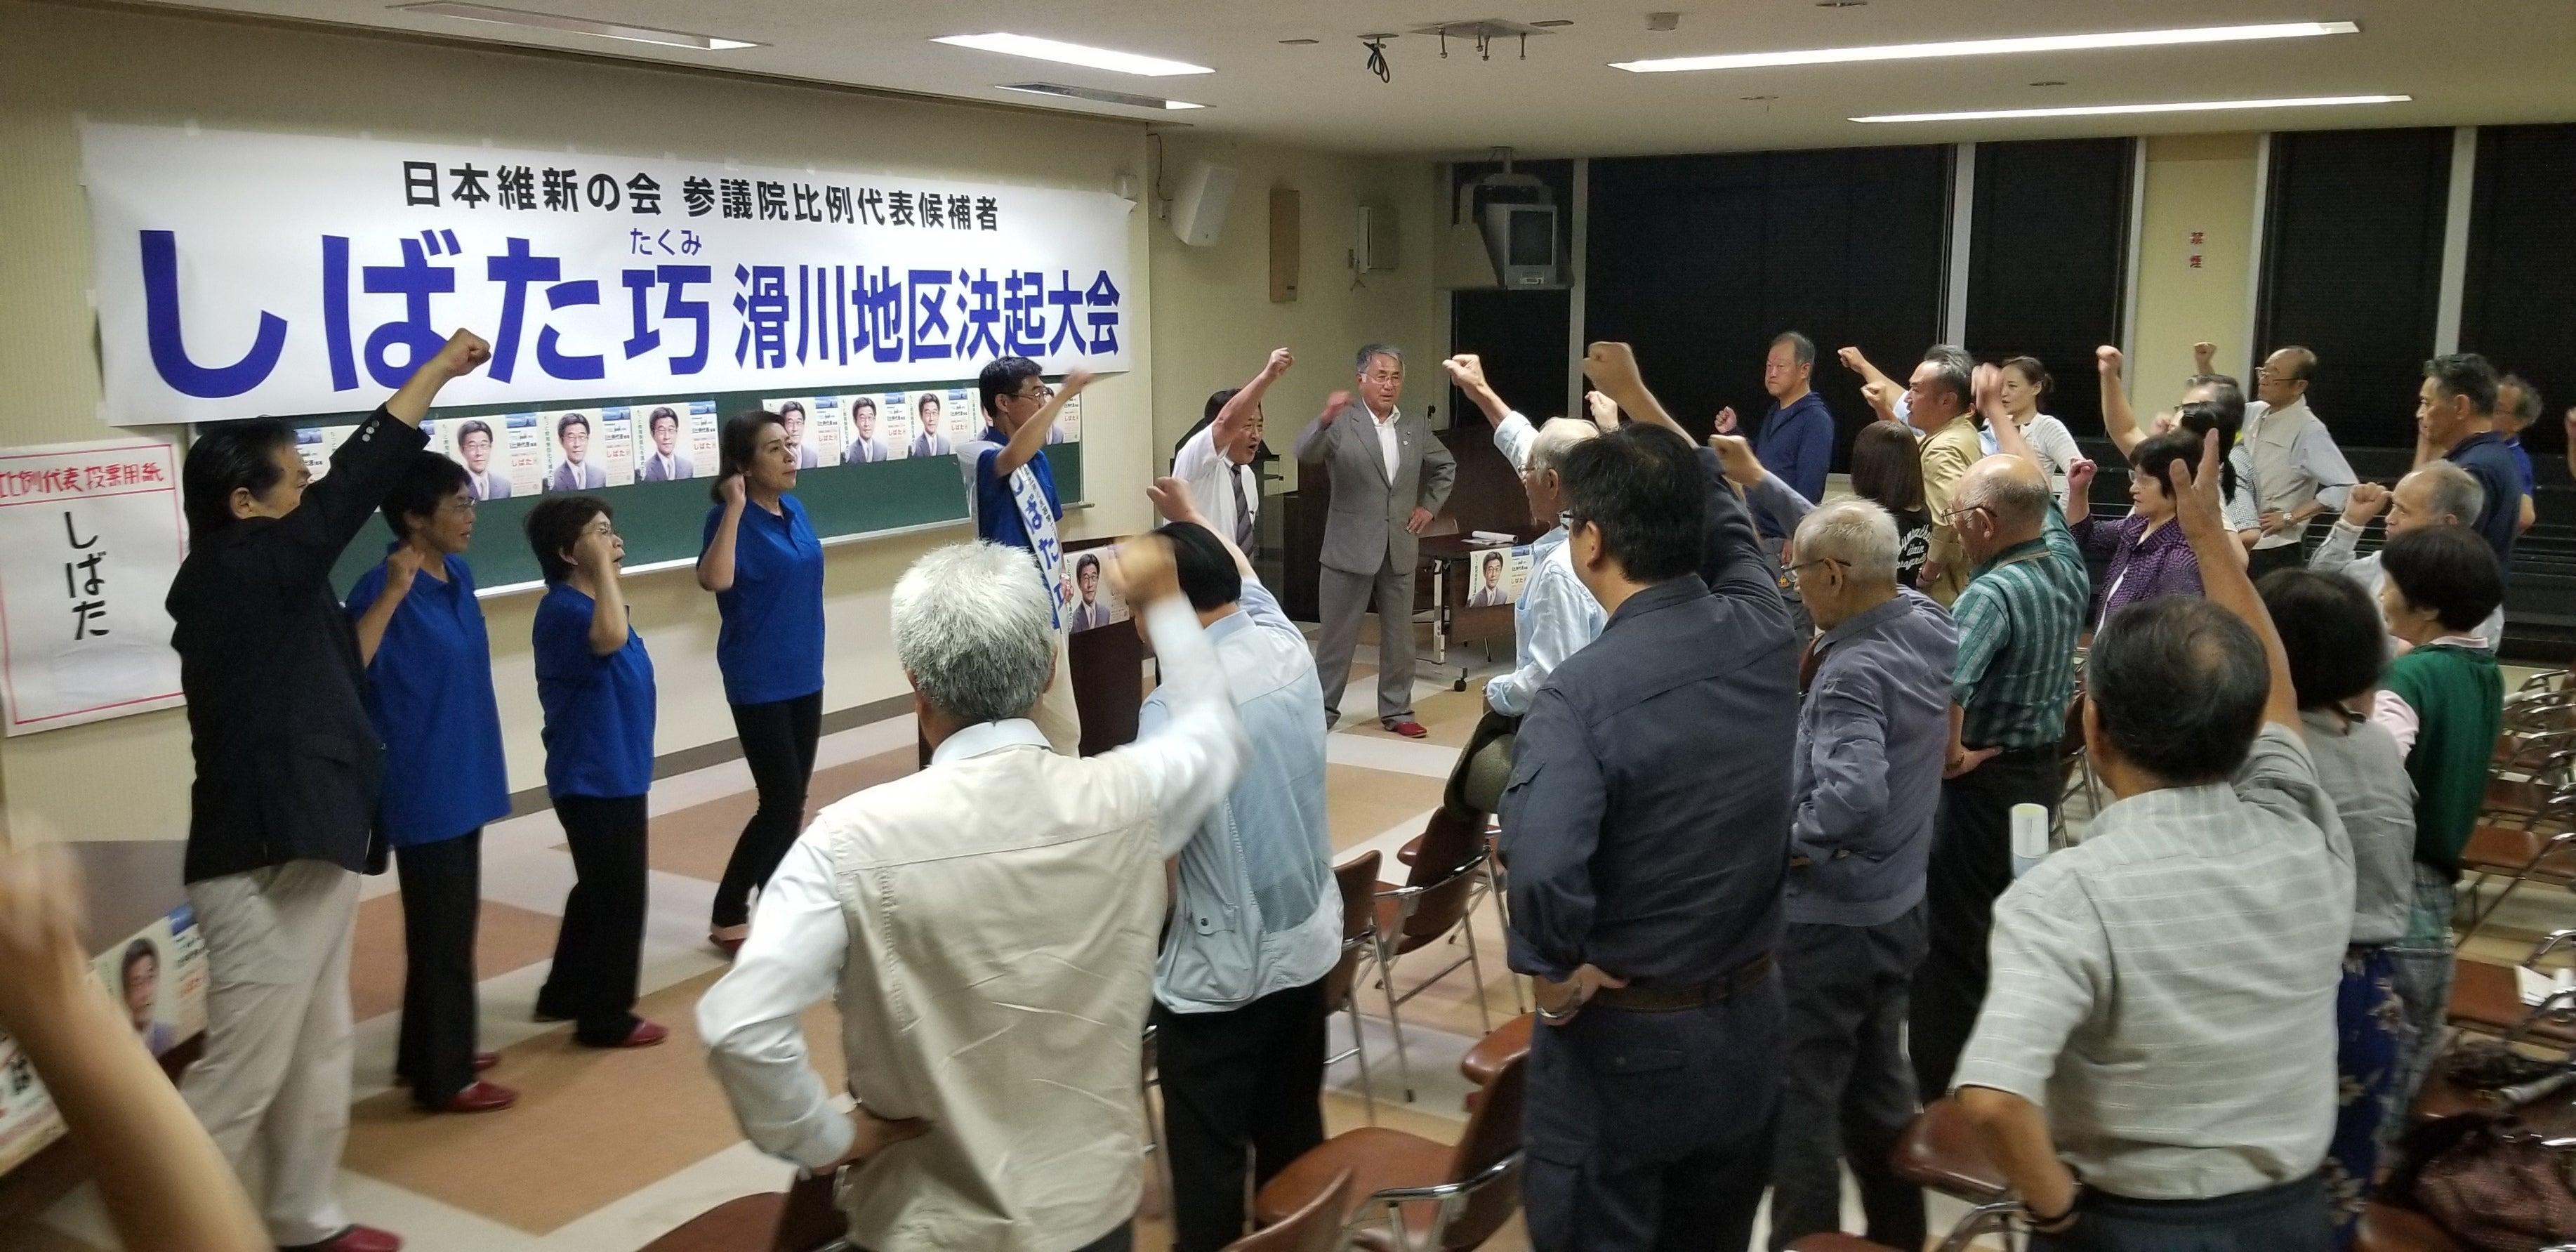 記事 富山県東部でも支持拡大に躍起です の記事内画像